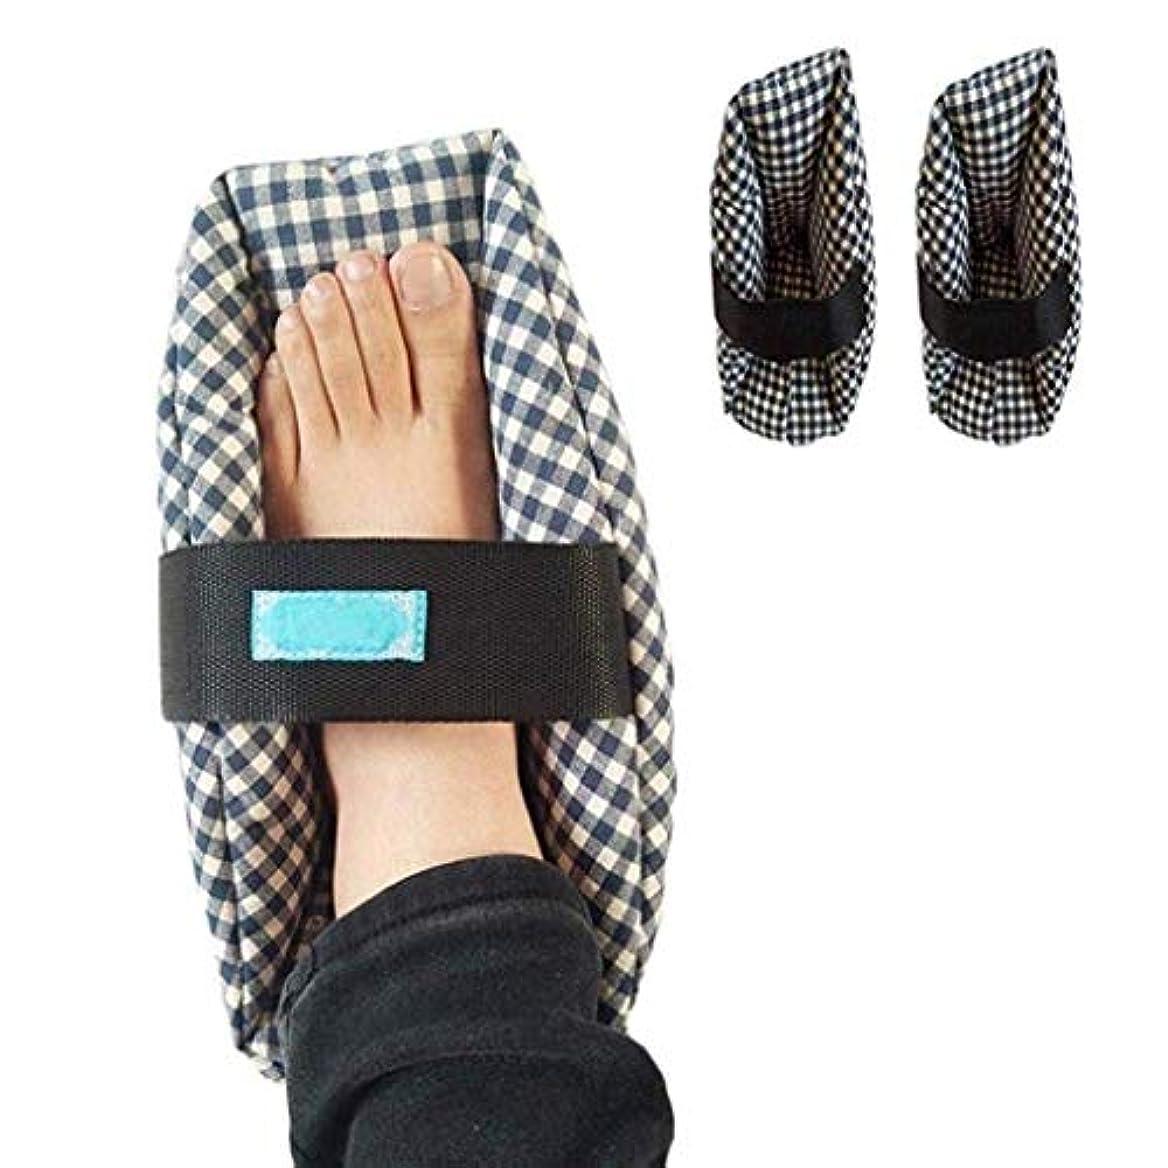 療法者すずめ柔らかい快適なかかとプロテクター枕高齢者の足の補正カバーかかとパッドプロテクター反De瘡腫れ足寝たきり患者